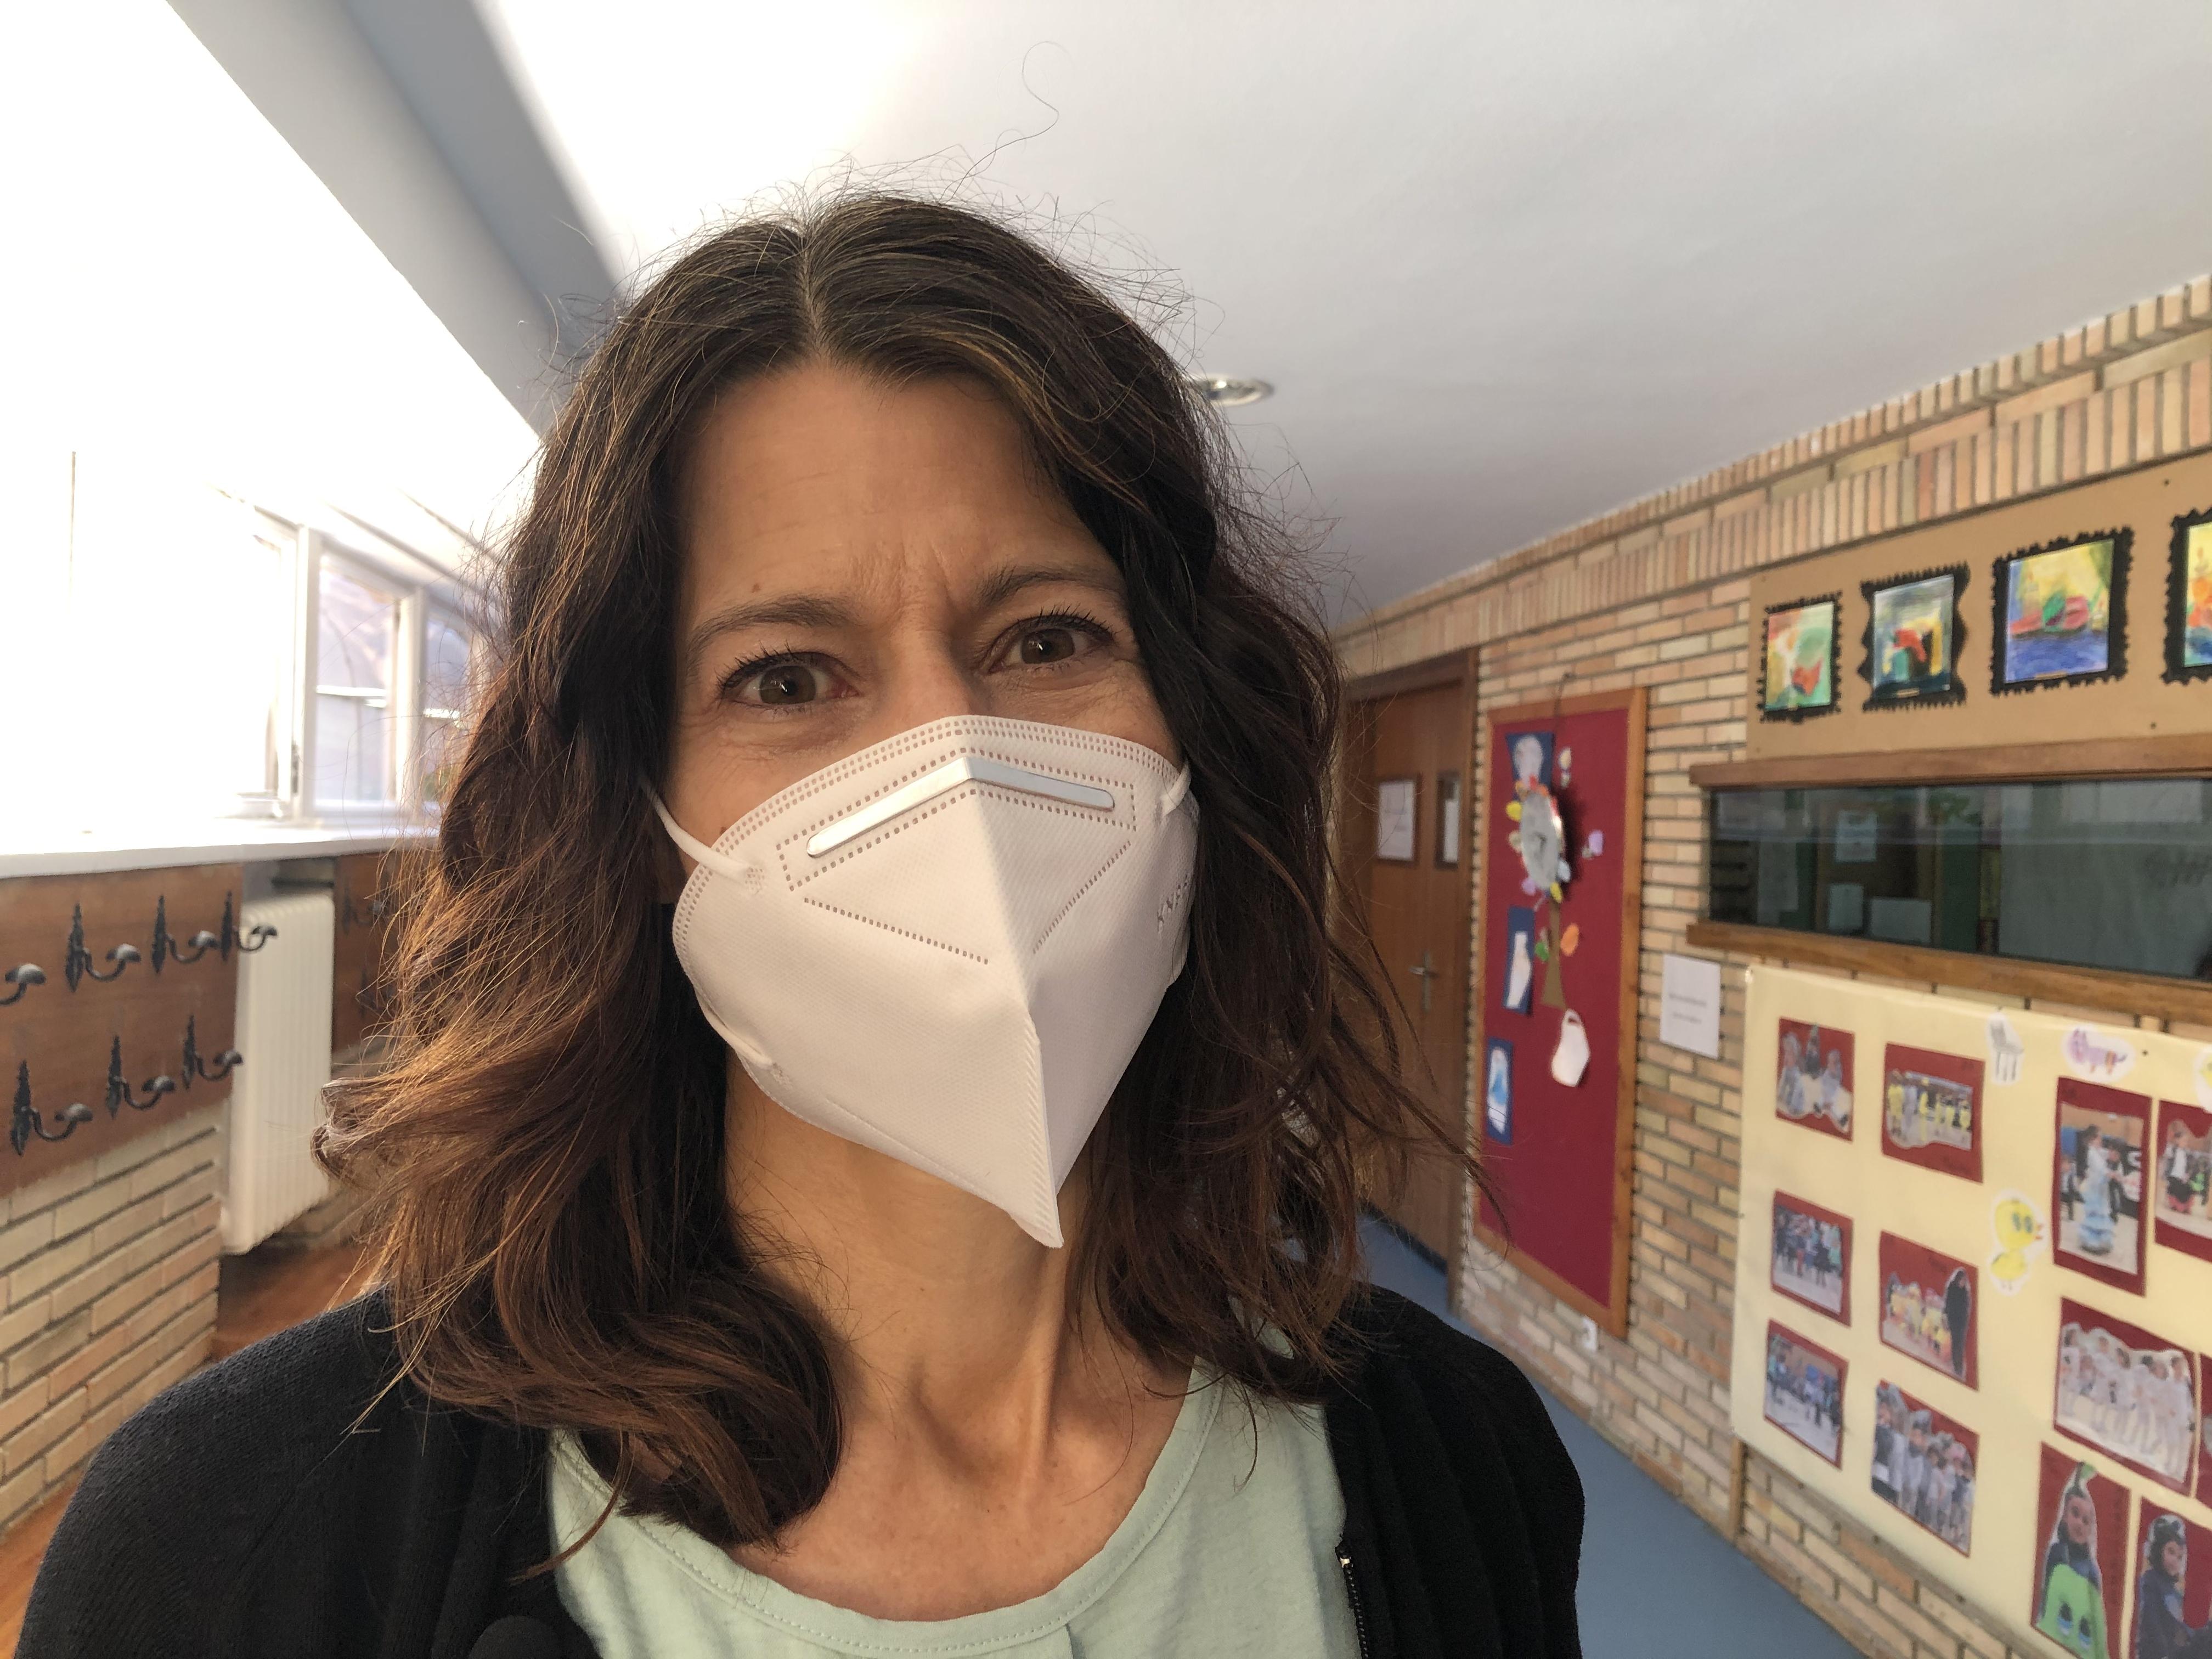 Sarah O'Halloran, a coordinator at Colegio Virgen de Europa.